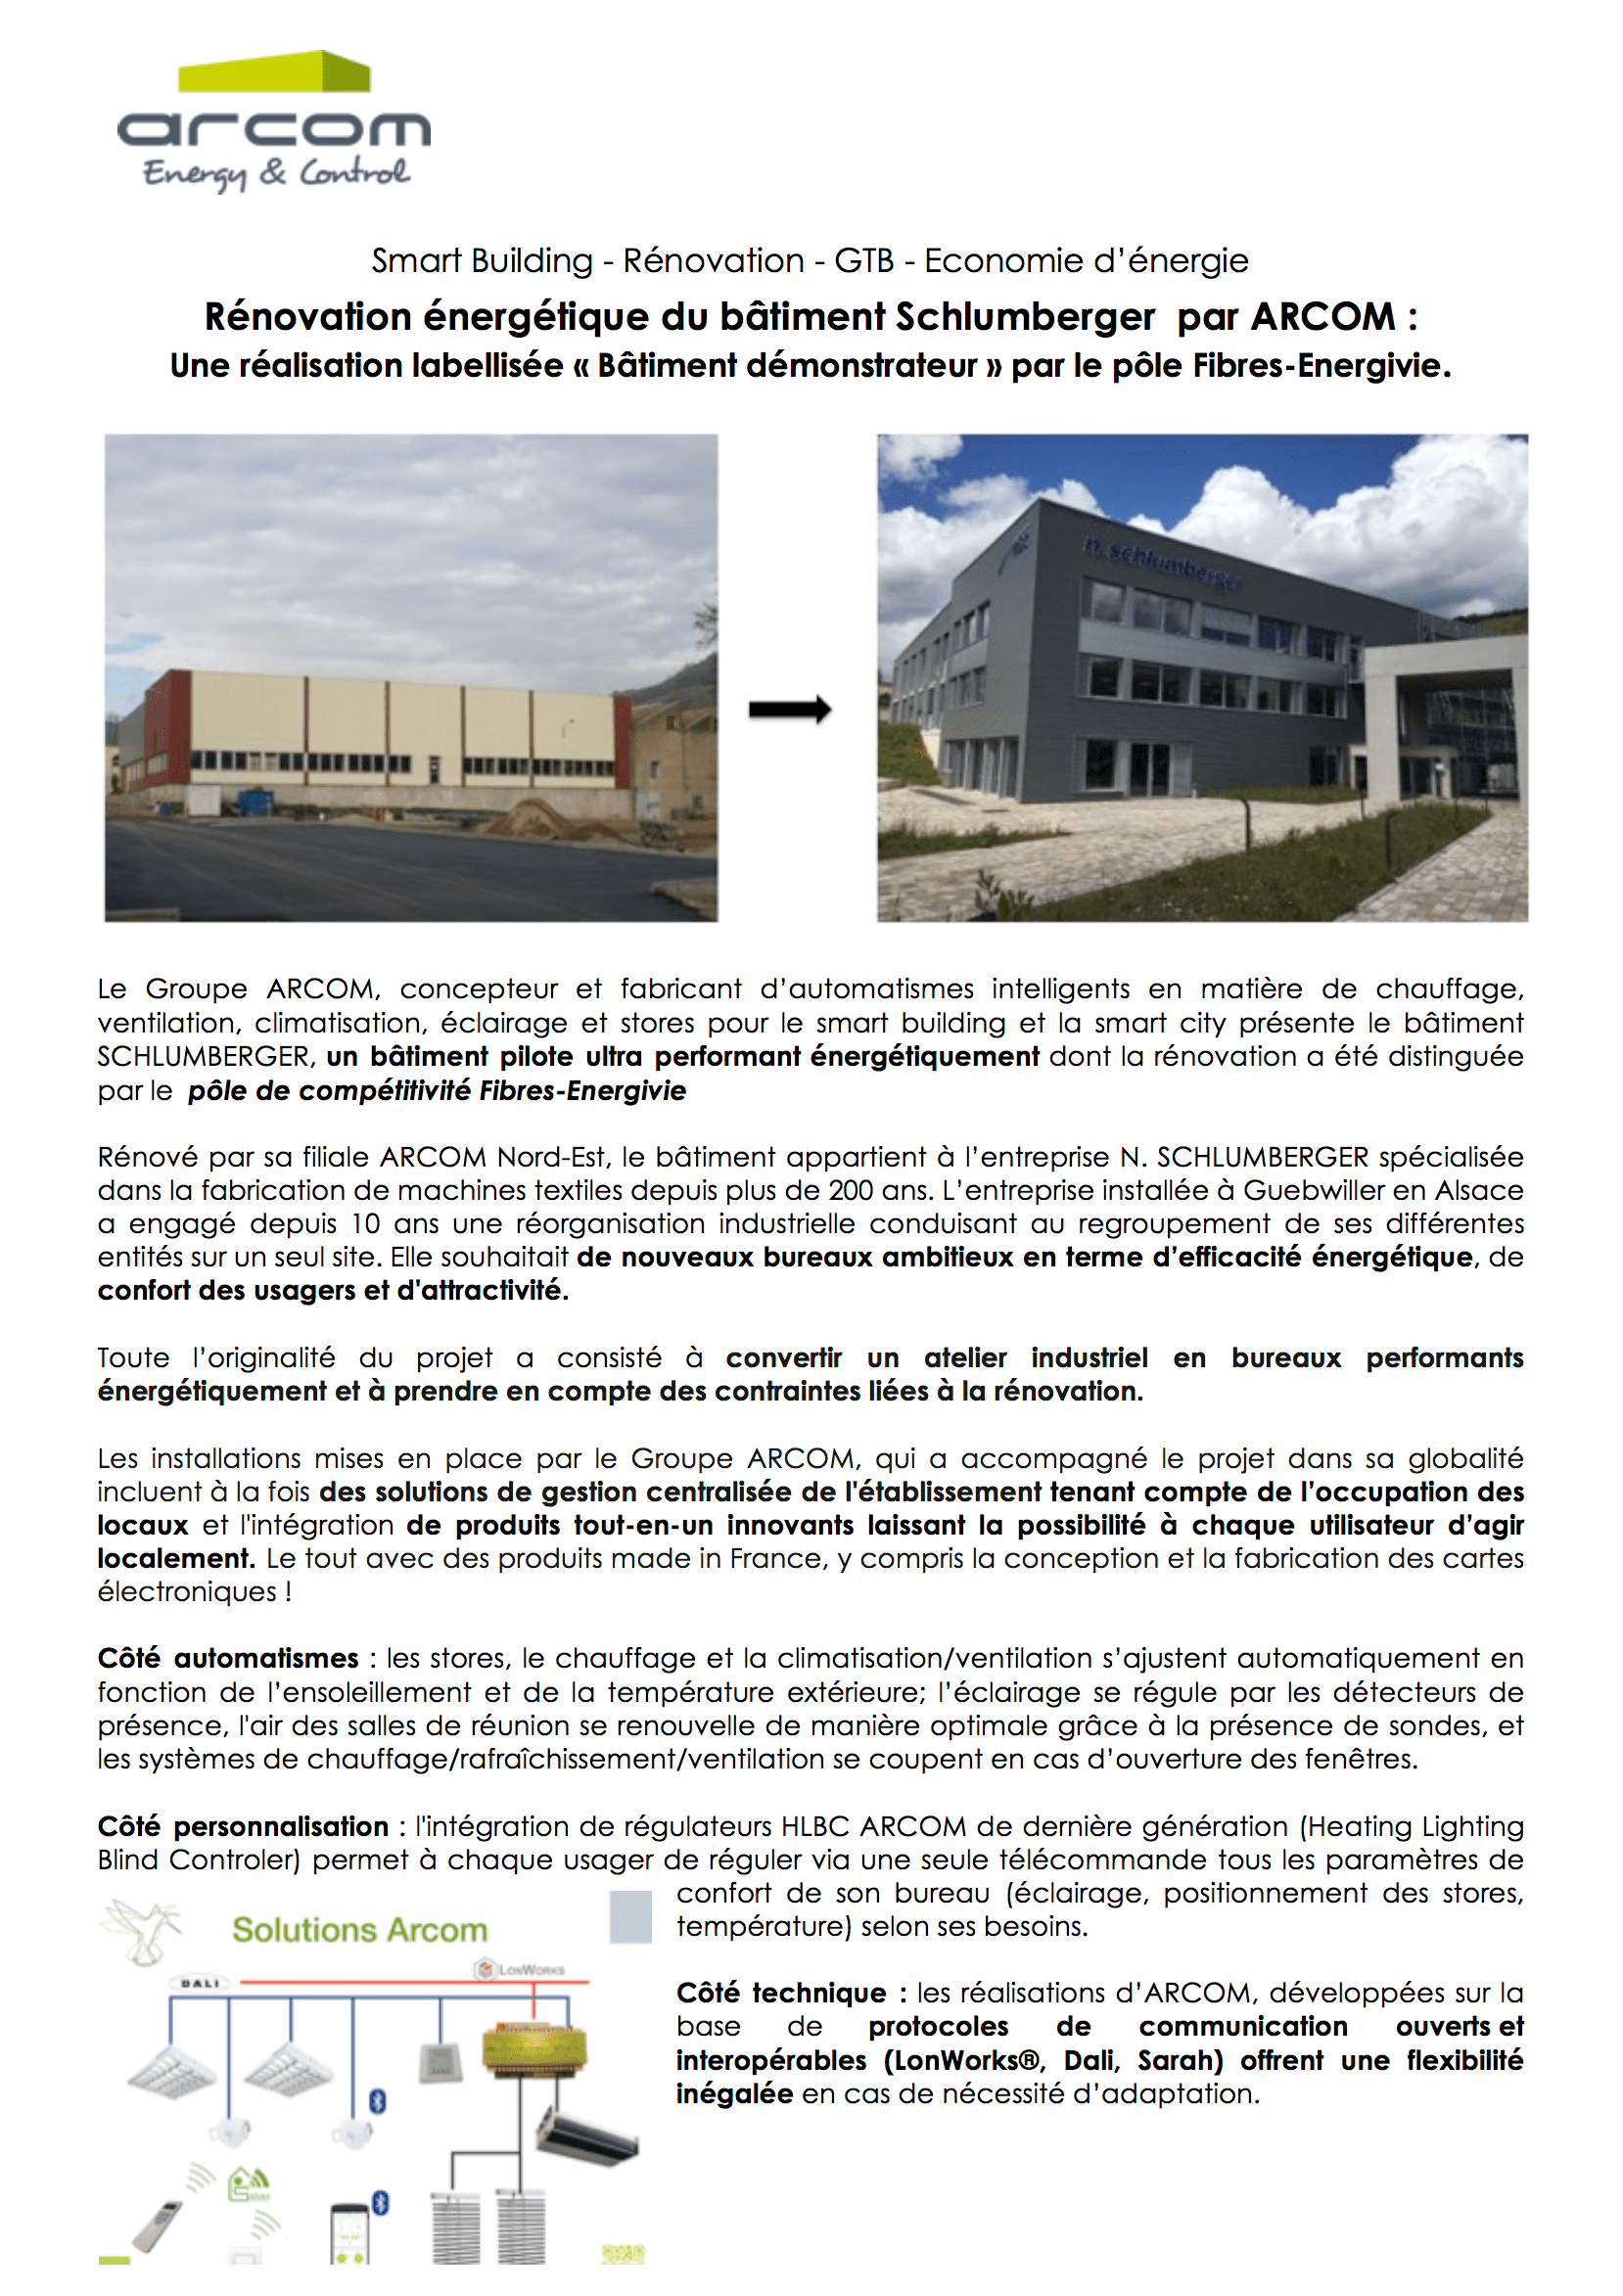 communique-de-presse-arcom-renovation-schlumberger-cover